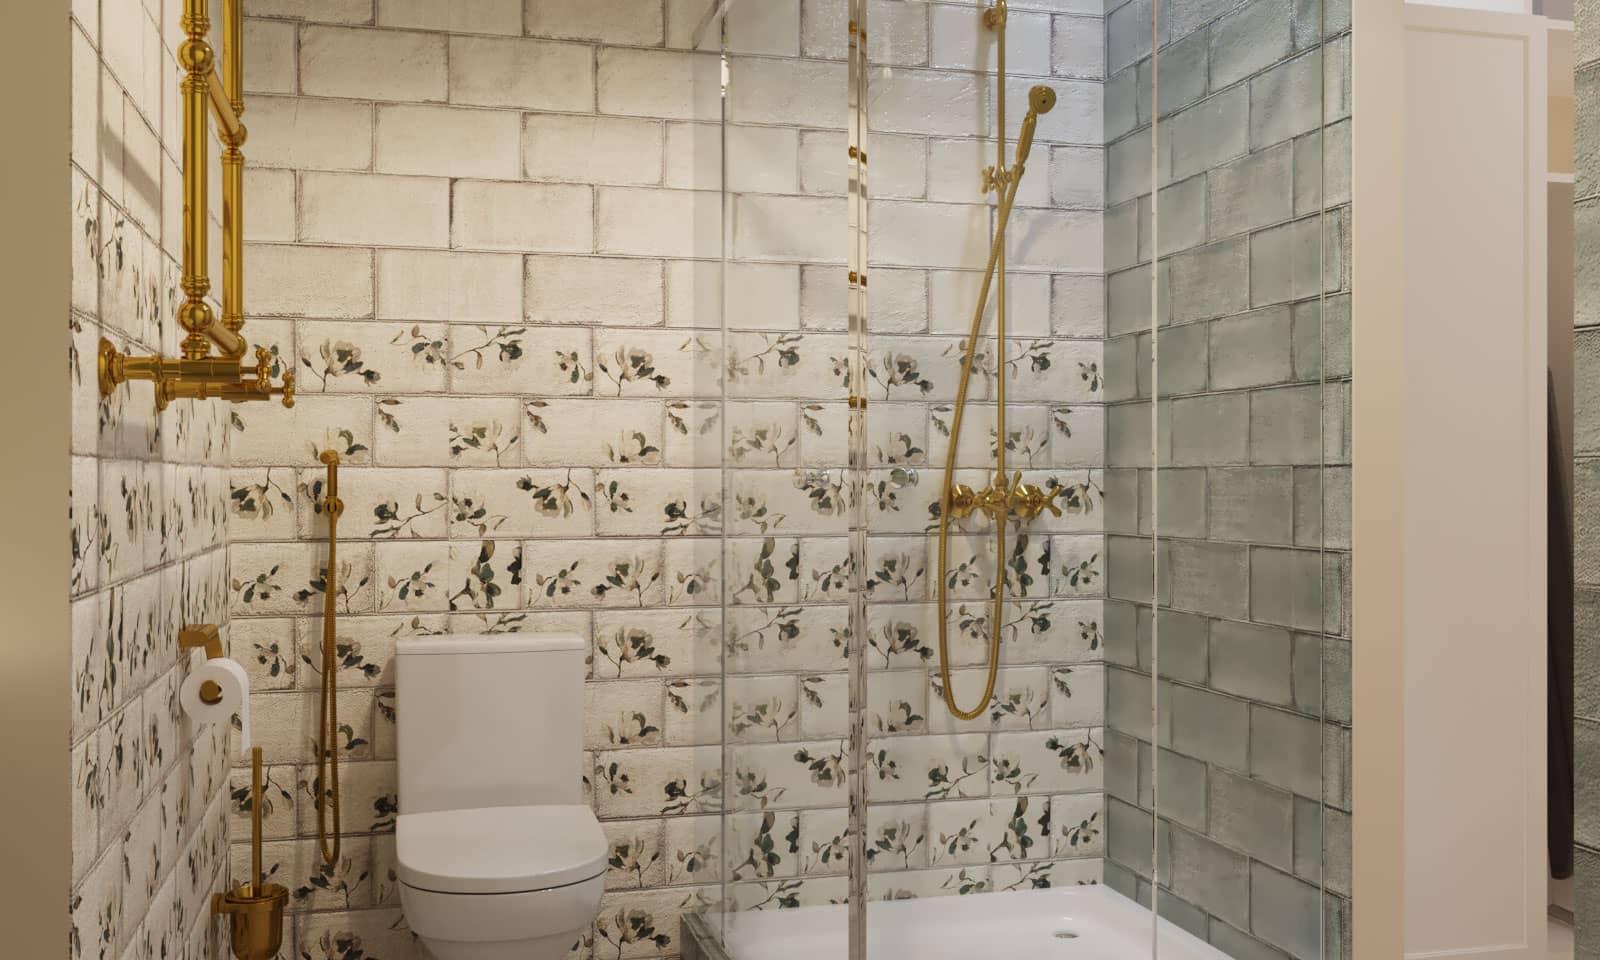 Интерьер маленькой ванной комнаты с кладовой